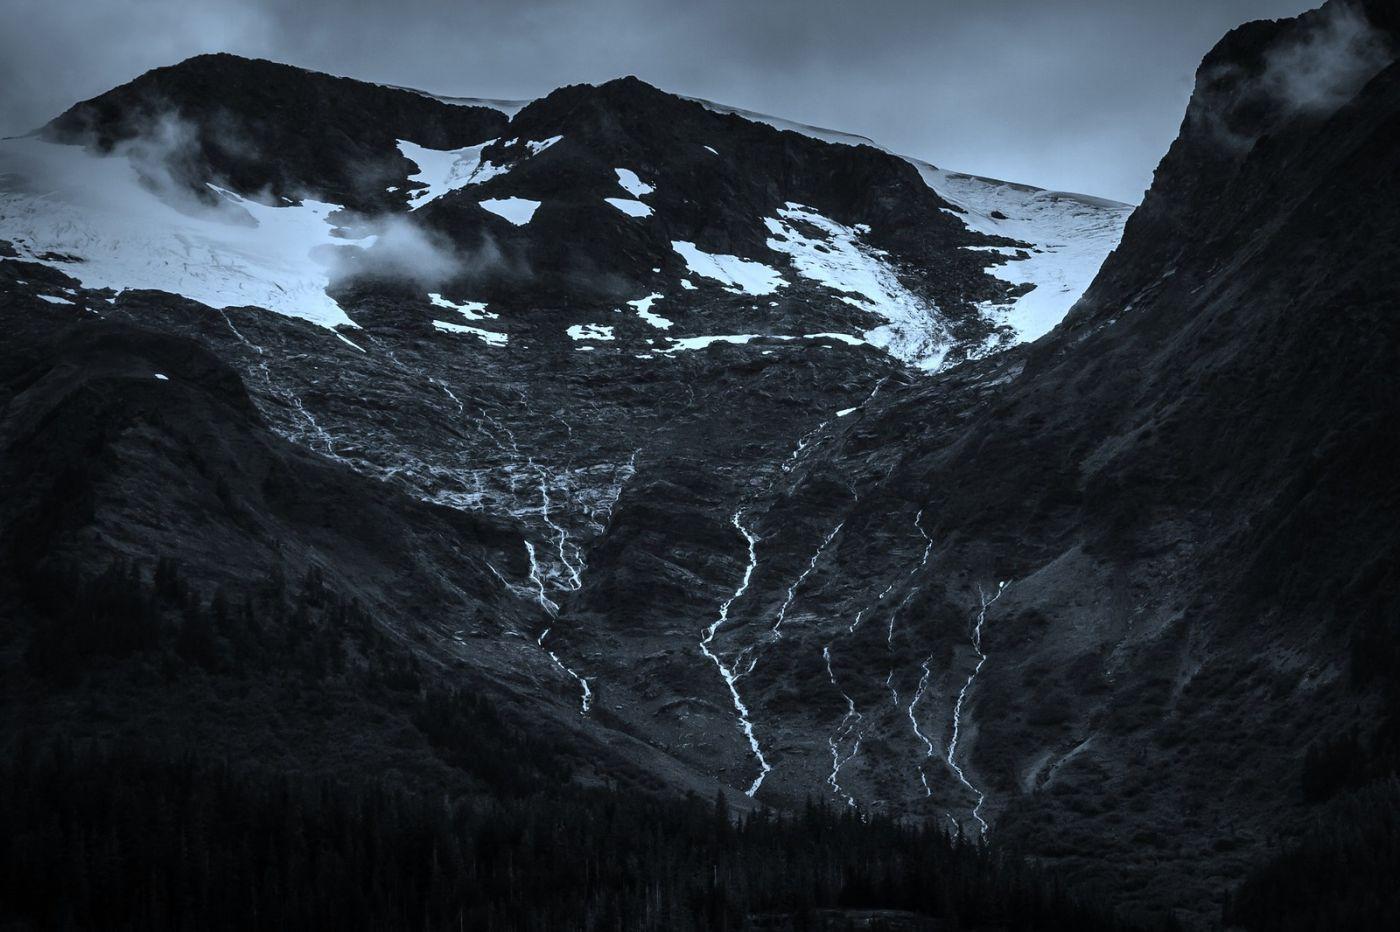 阿拉斯加,高处不胜寒_图1-1